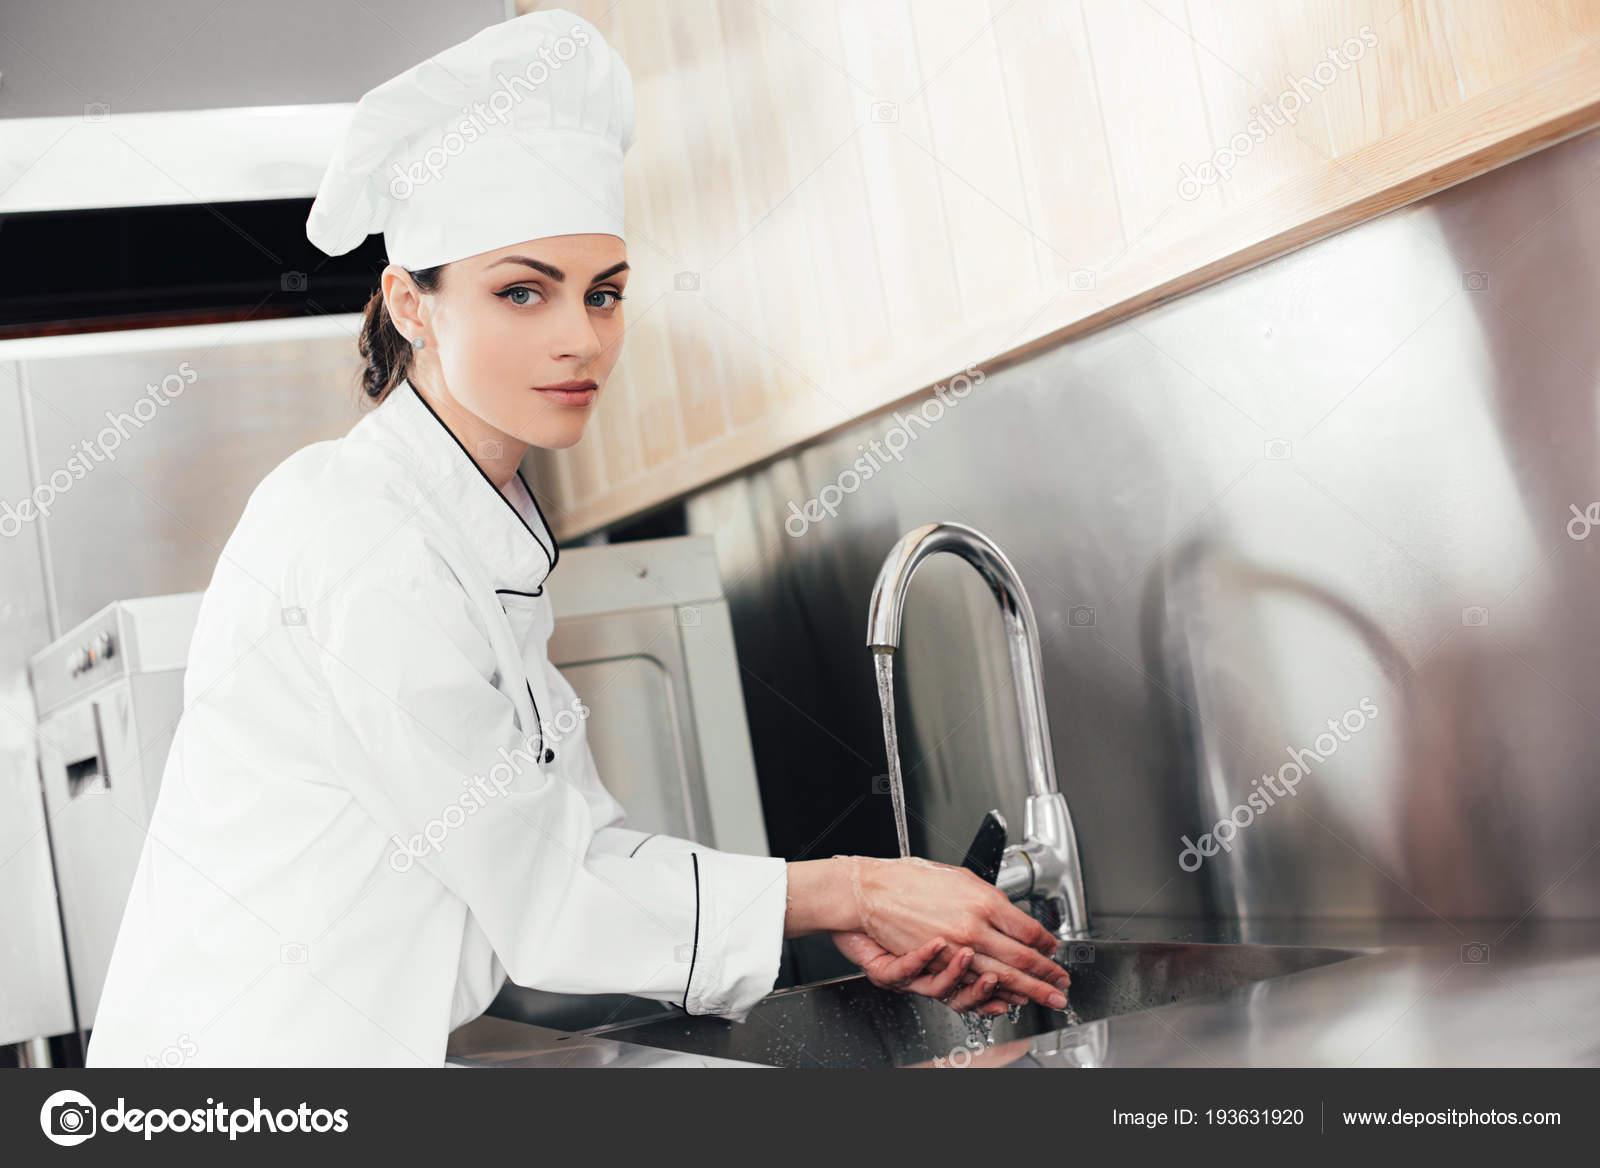 Chef Mujer Lavándose Las Manos Fregadero Cocina